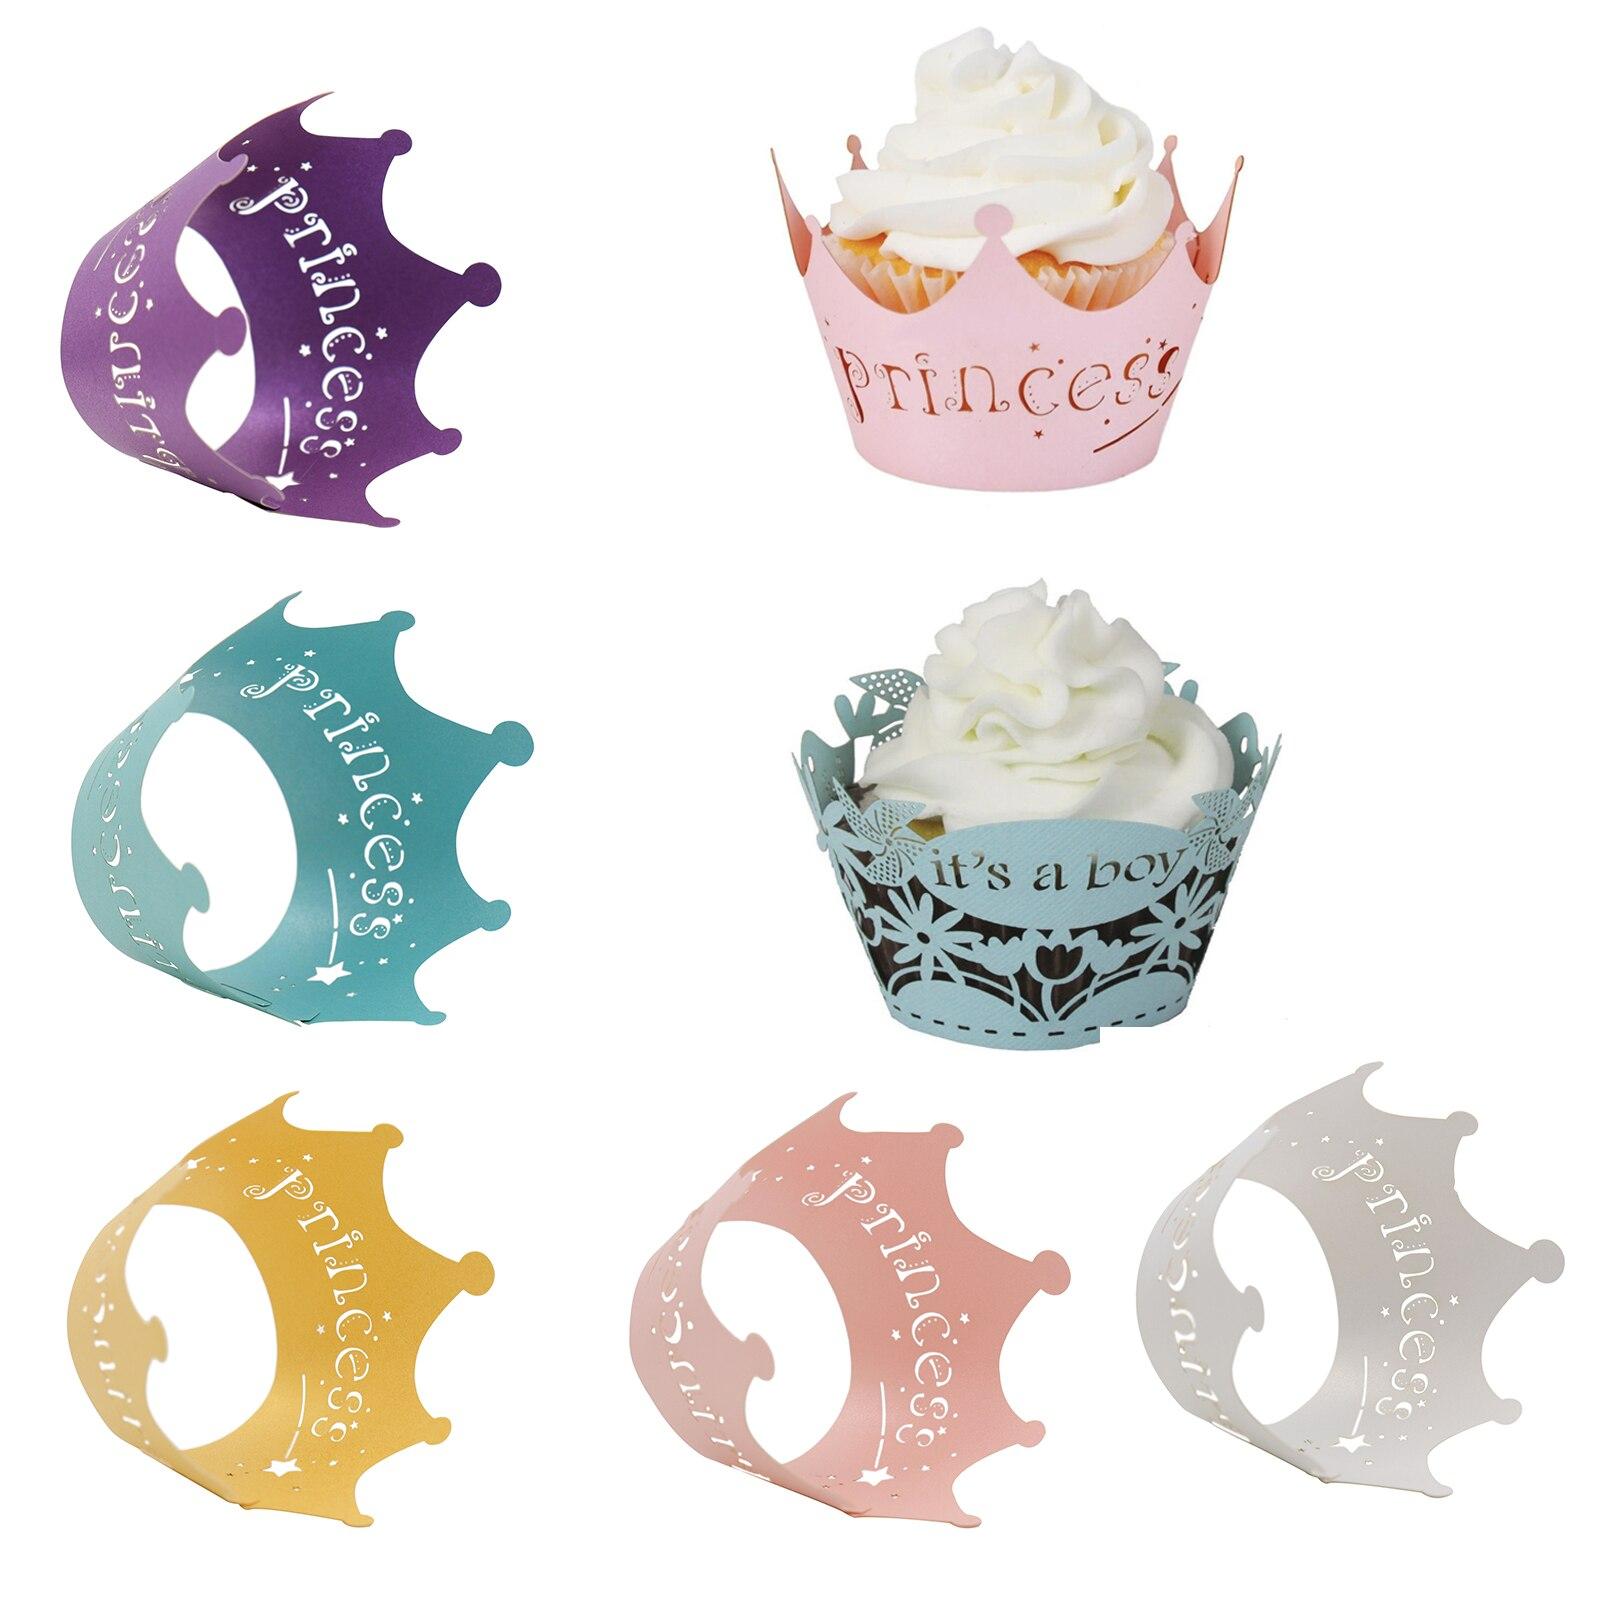 10 unidades/pacote rosa recorte princesa copo de papel festa de aniversário bolo de renda papel corte a laser celebração decoração envoltório envolve cupcake caso